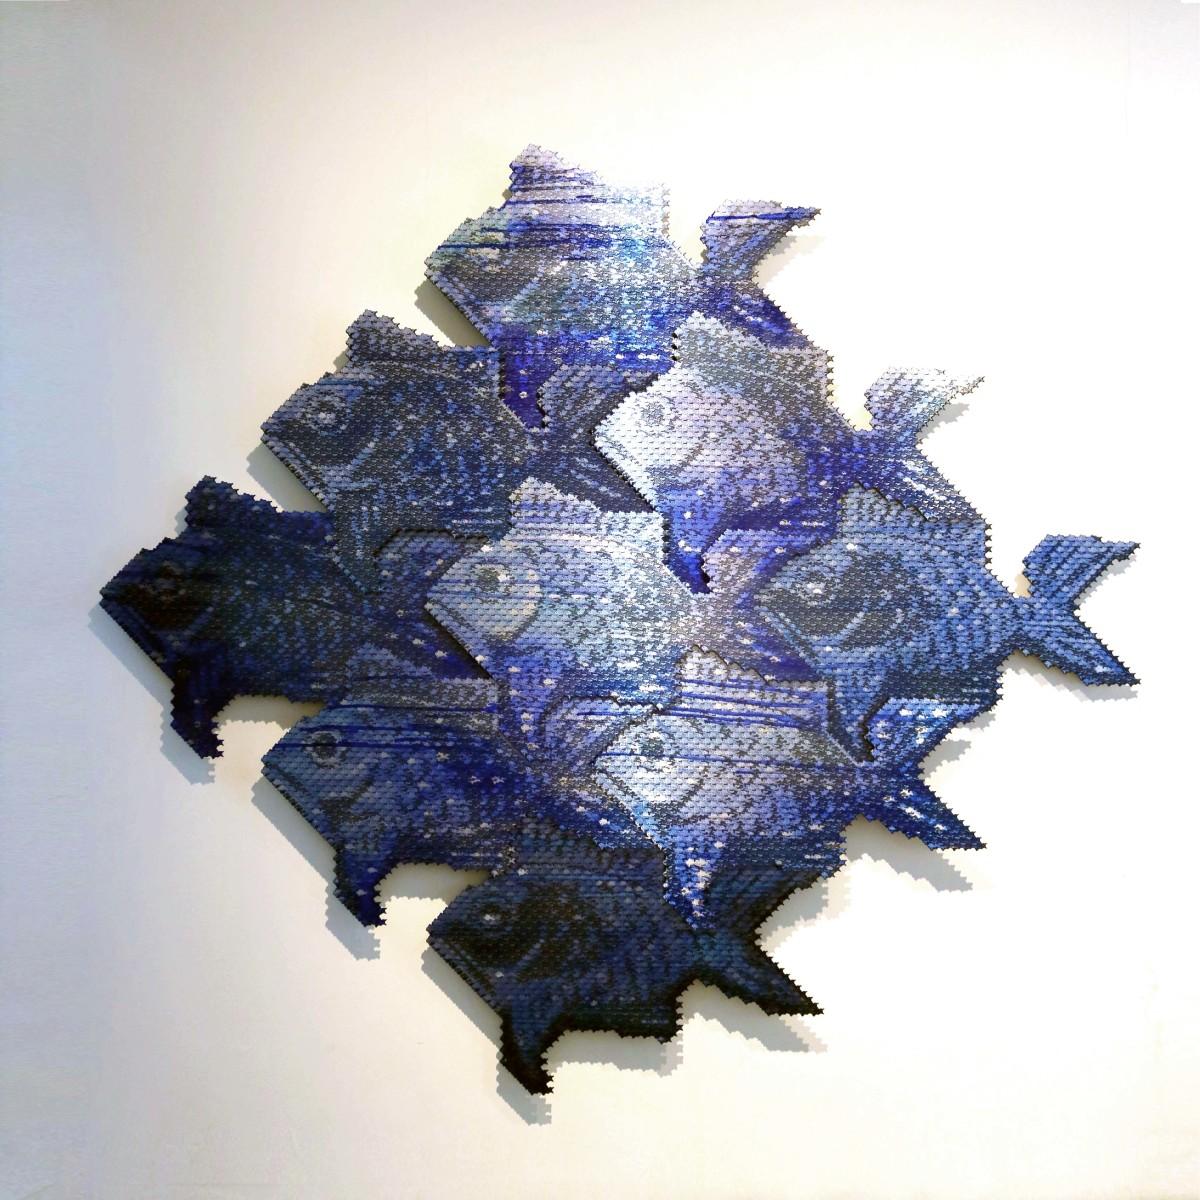 Fish Scales VI